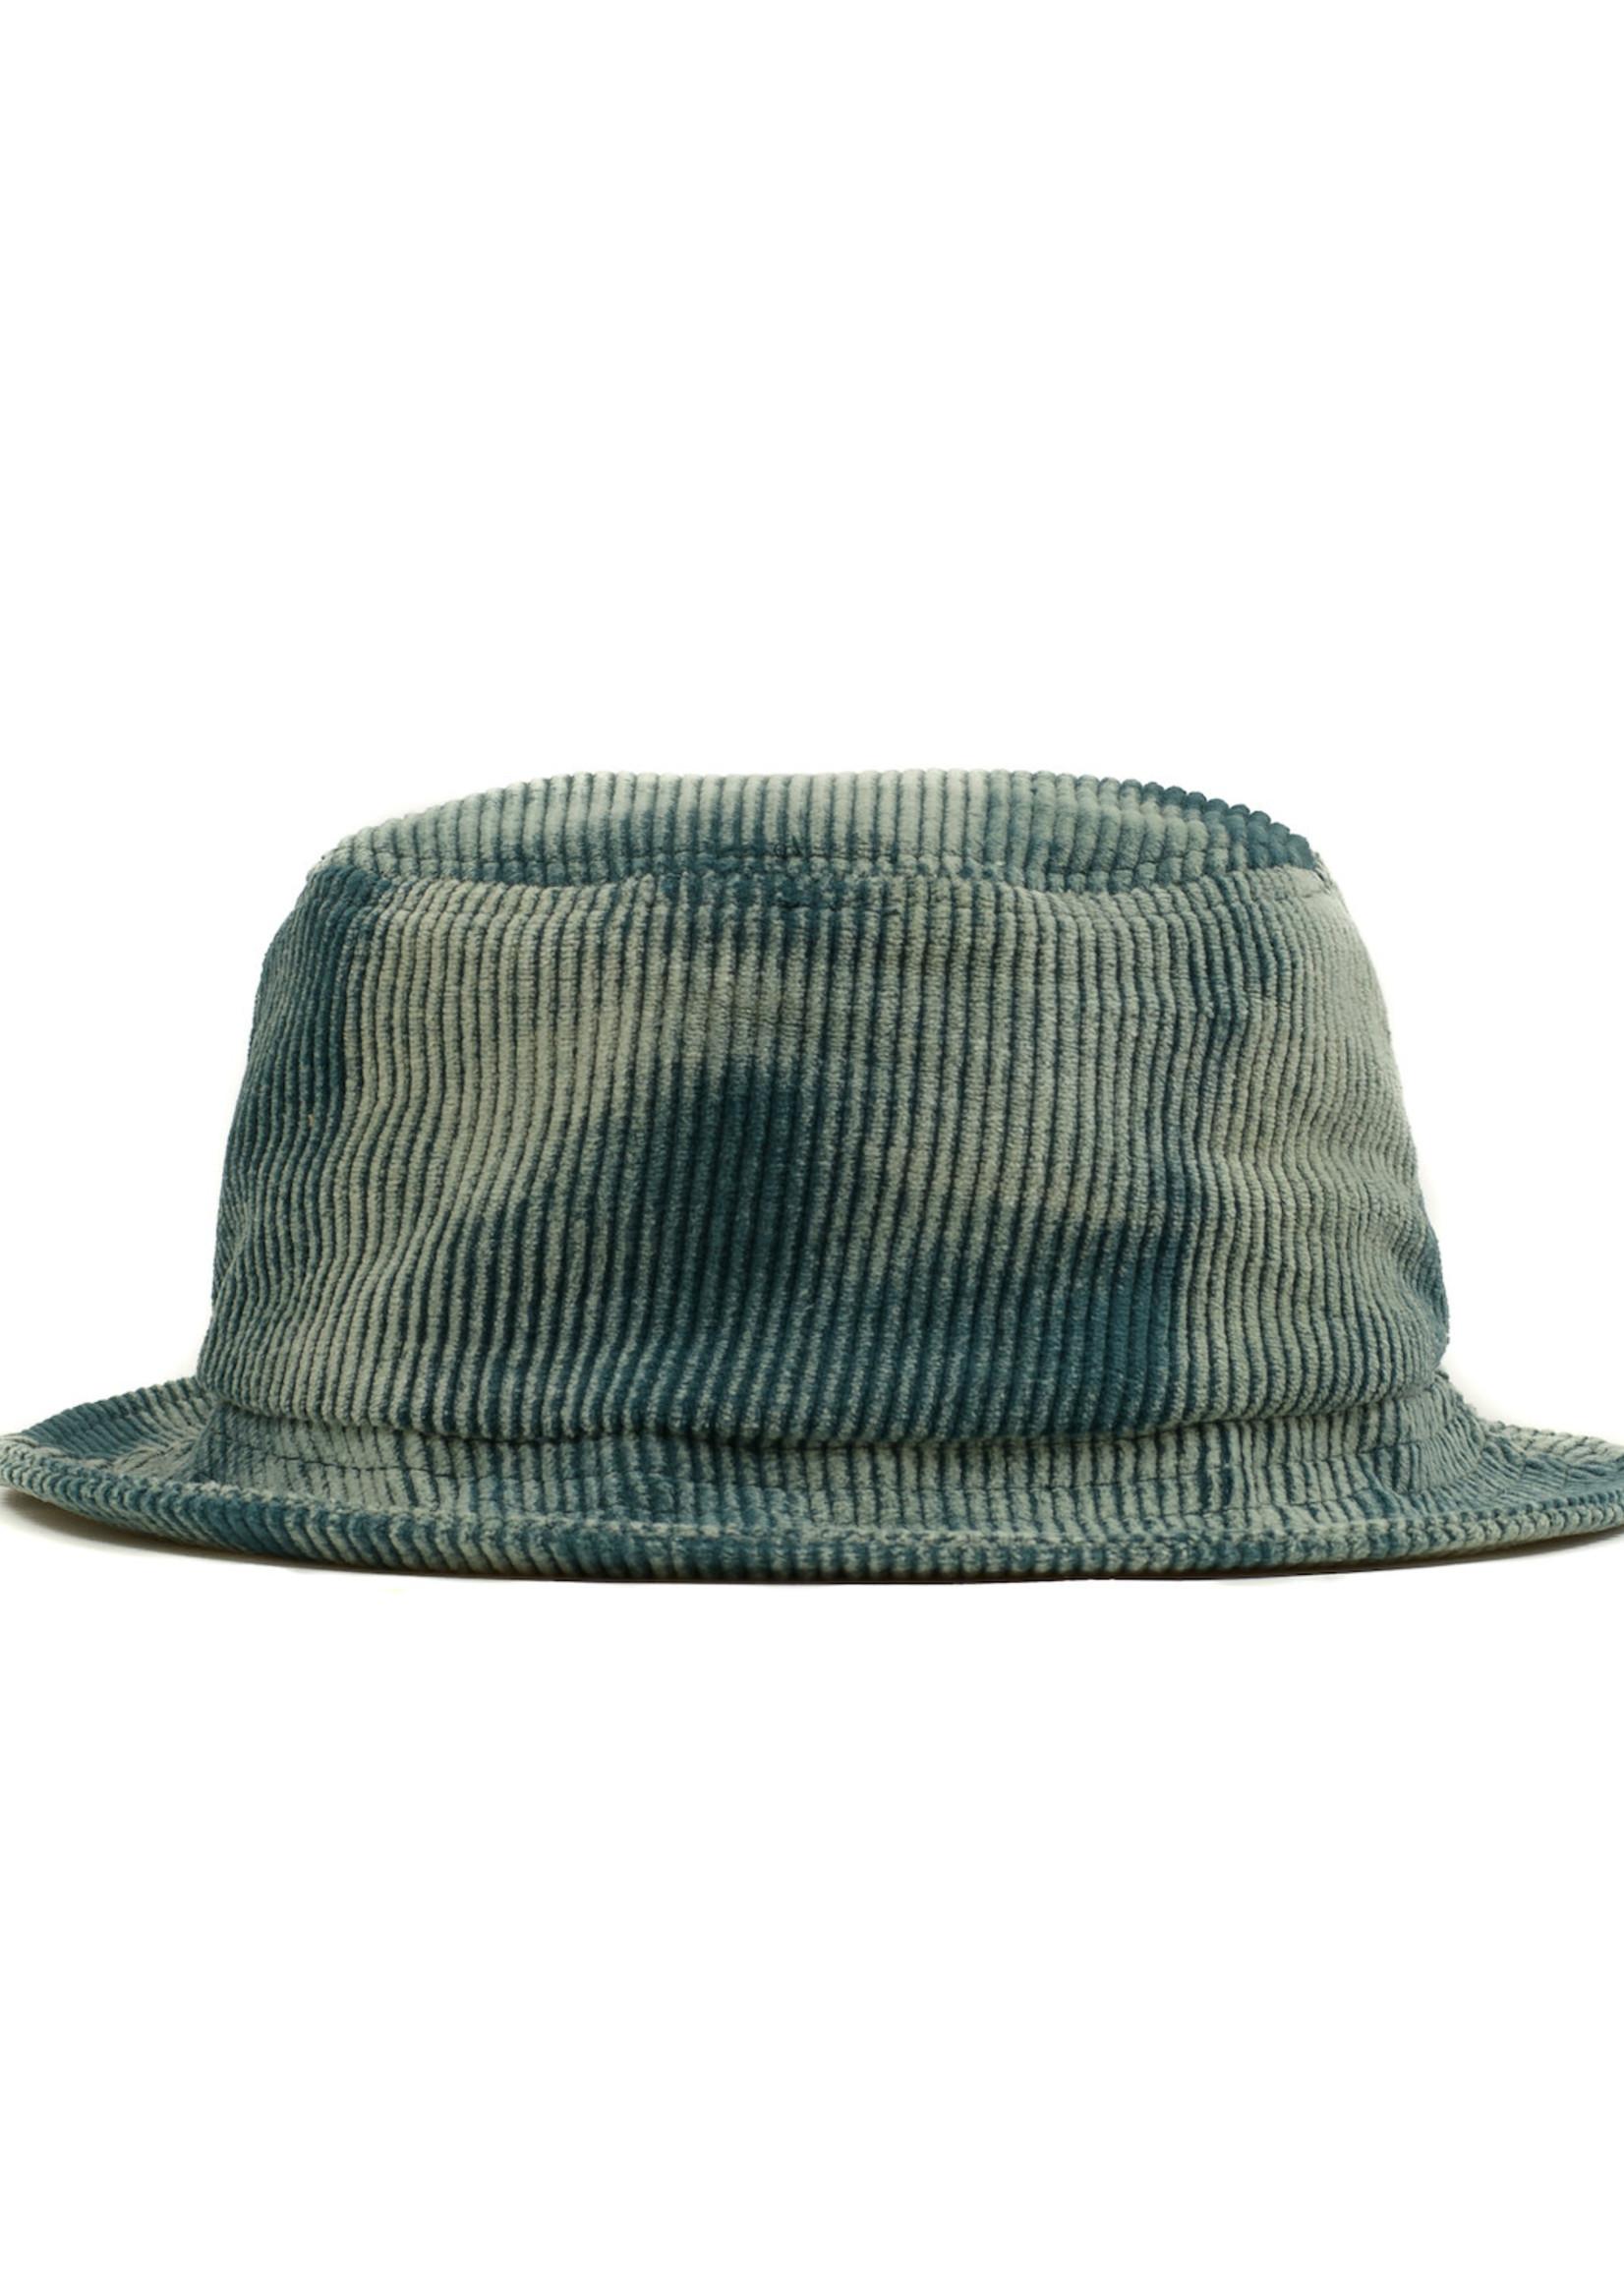 Brain Dead Spikey Logo Bleached Corduroy Bucket Hat in Mallard Green